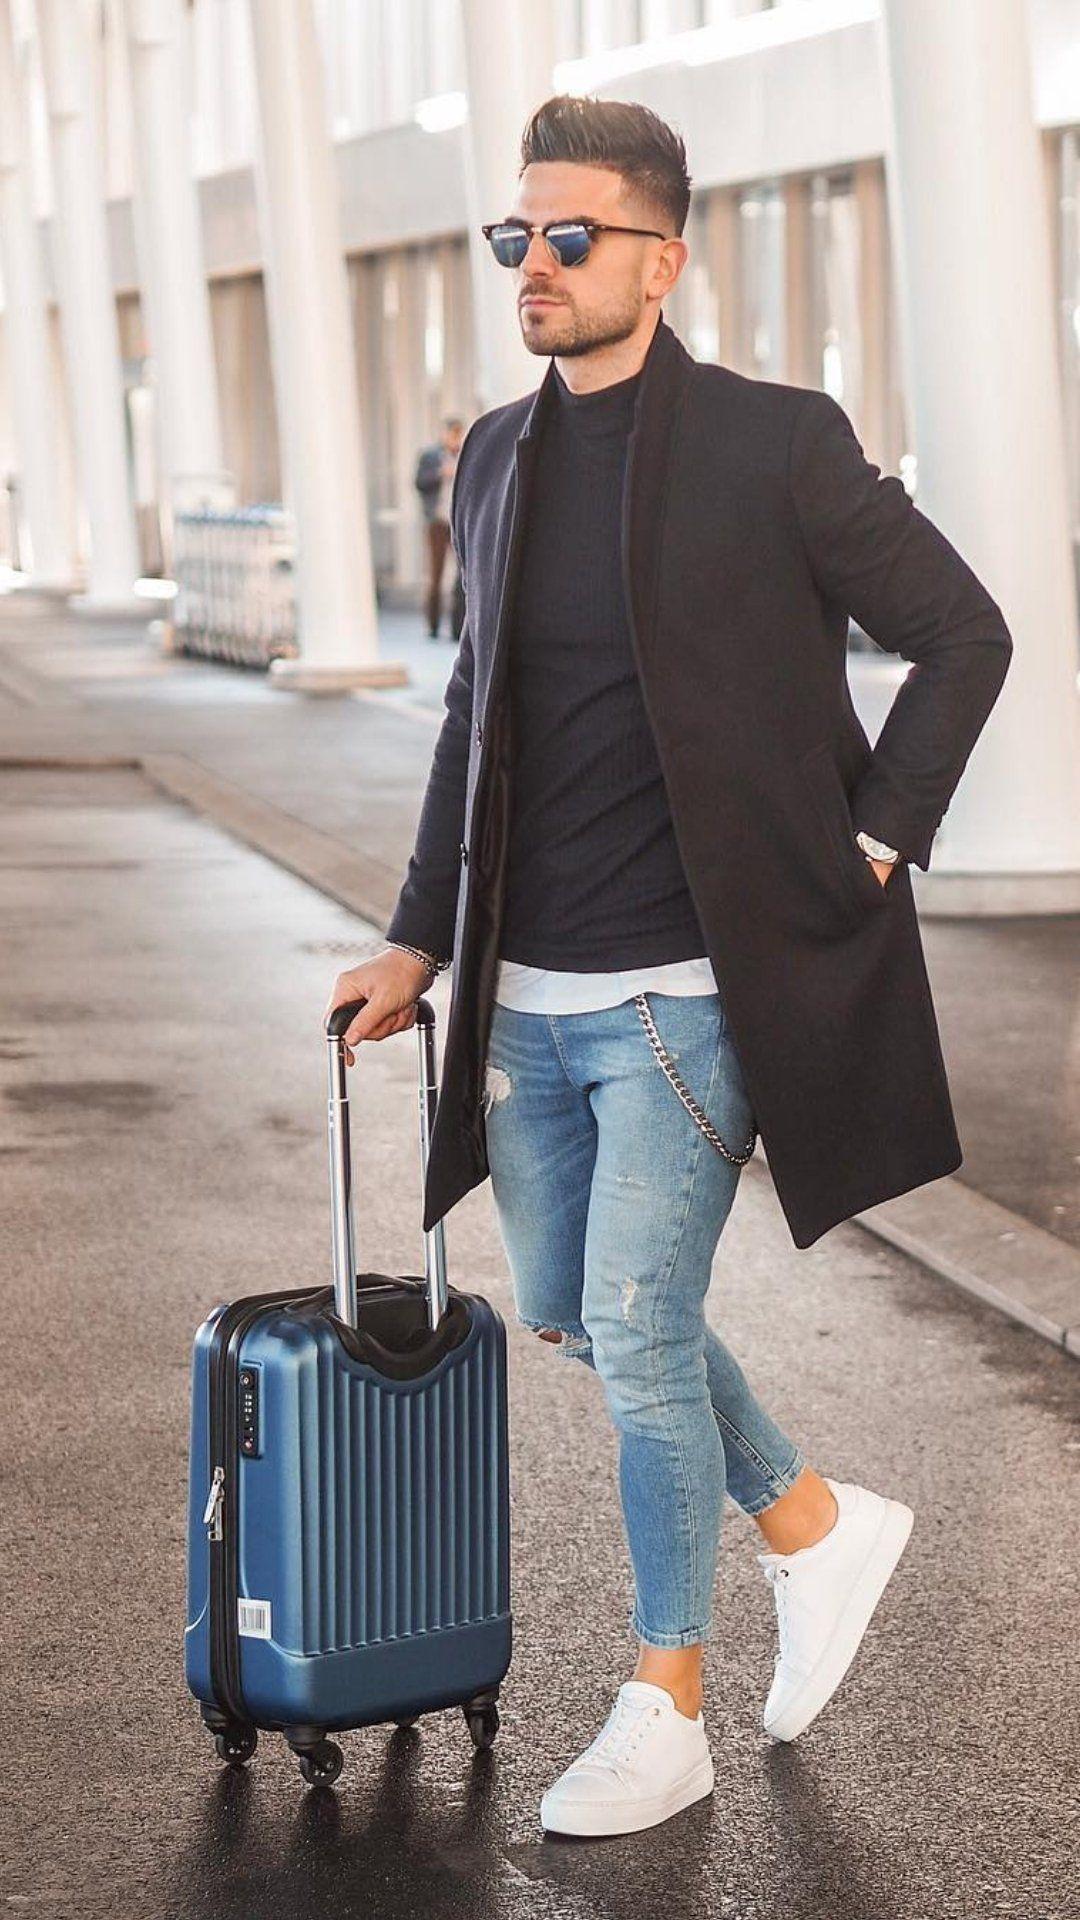 5 façons de superposer votre long manteau cet hiver (hommes)   – Fashion & Style